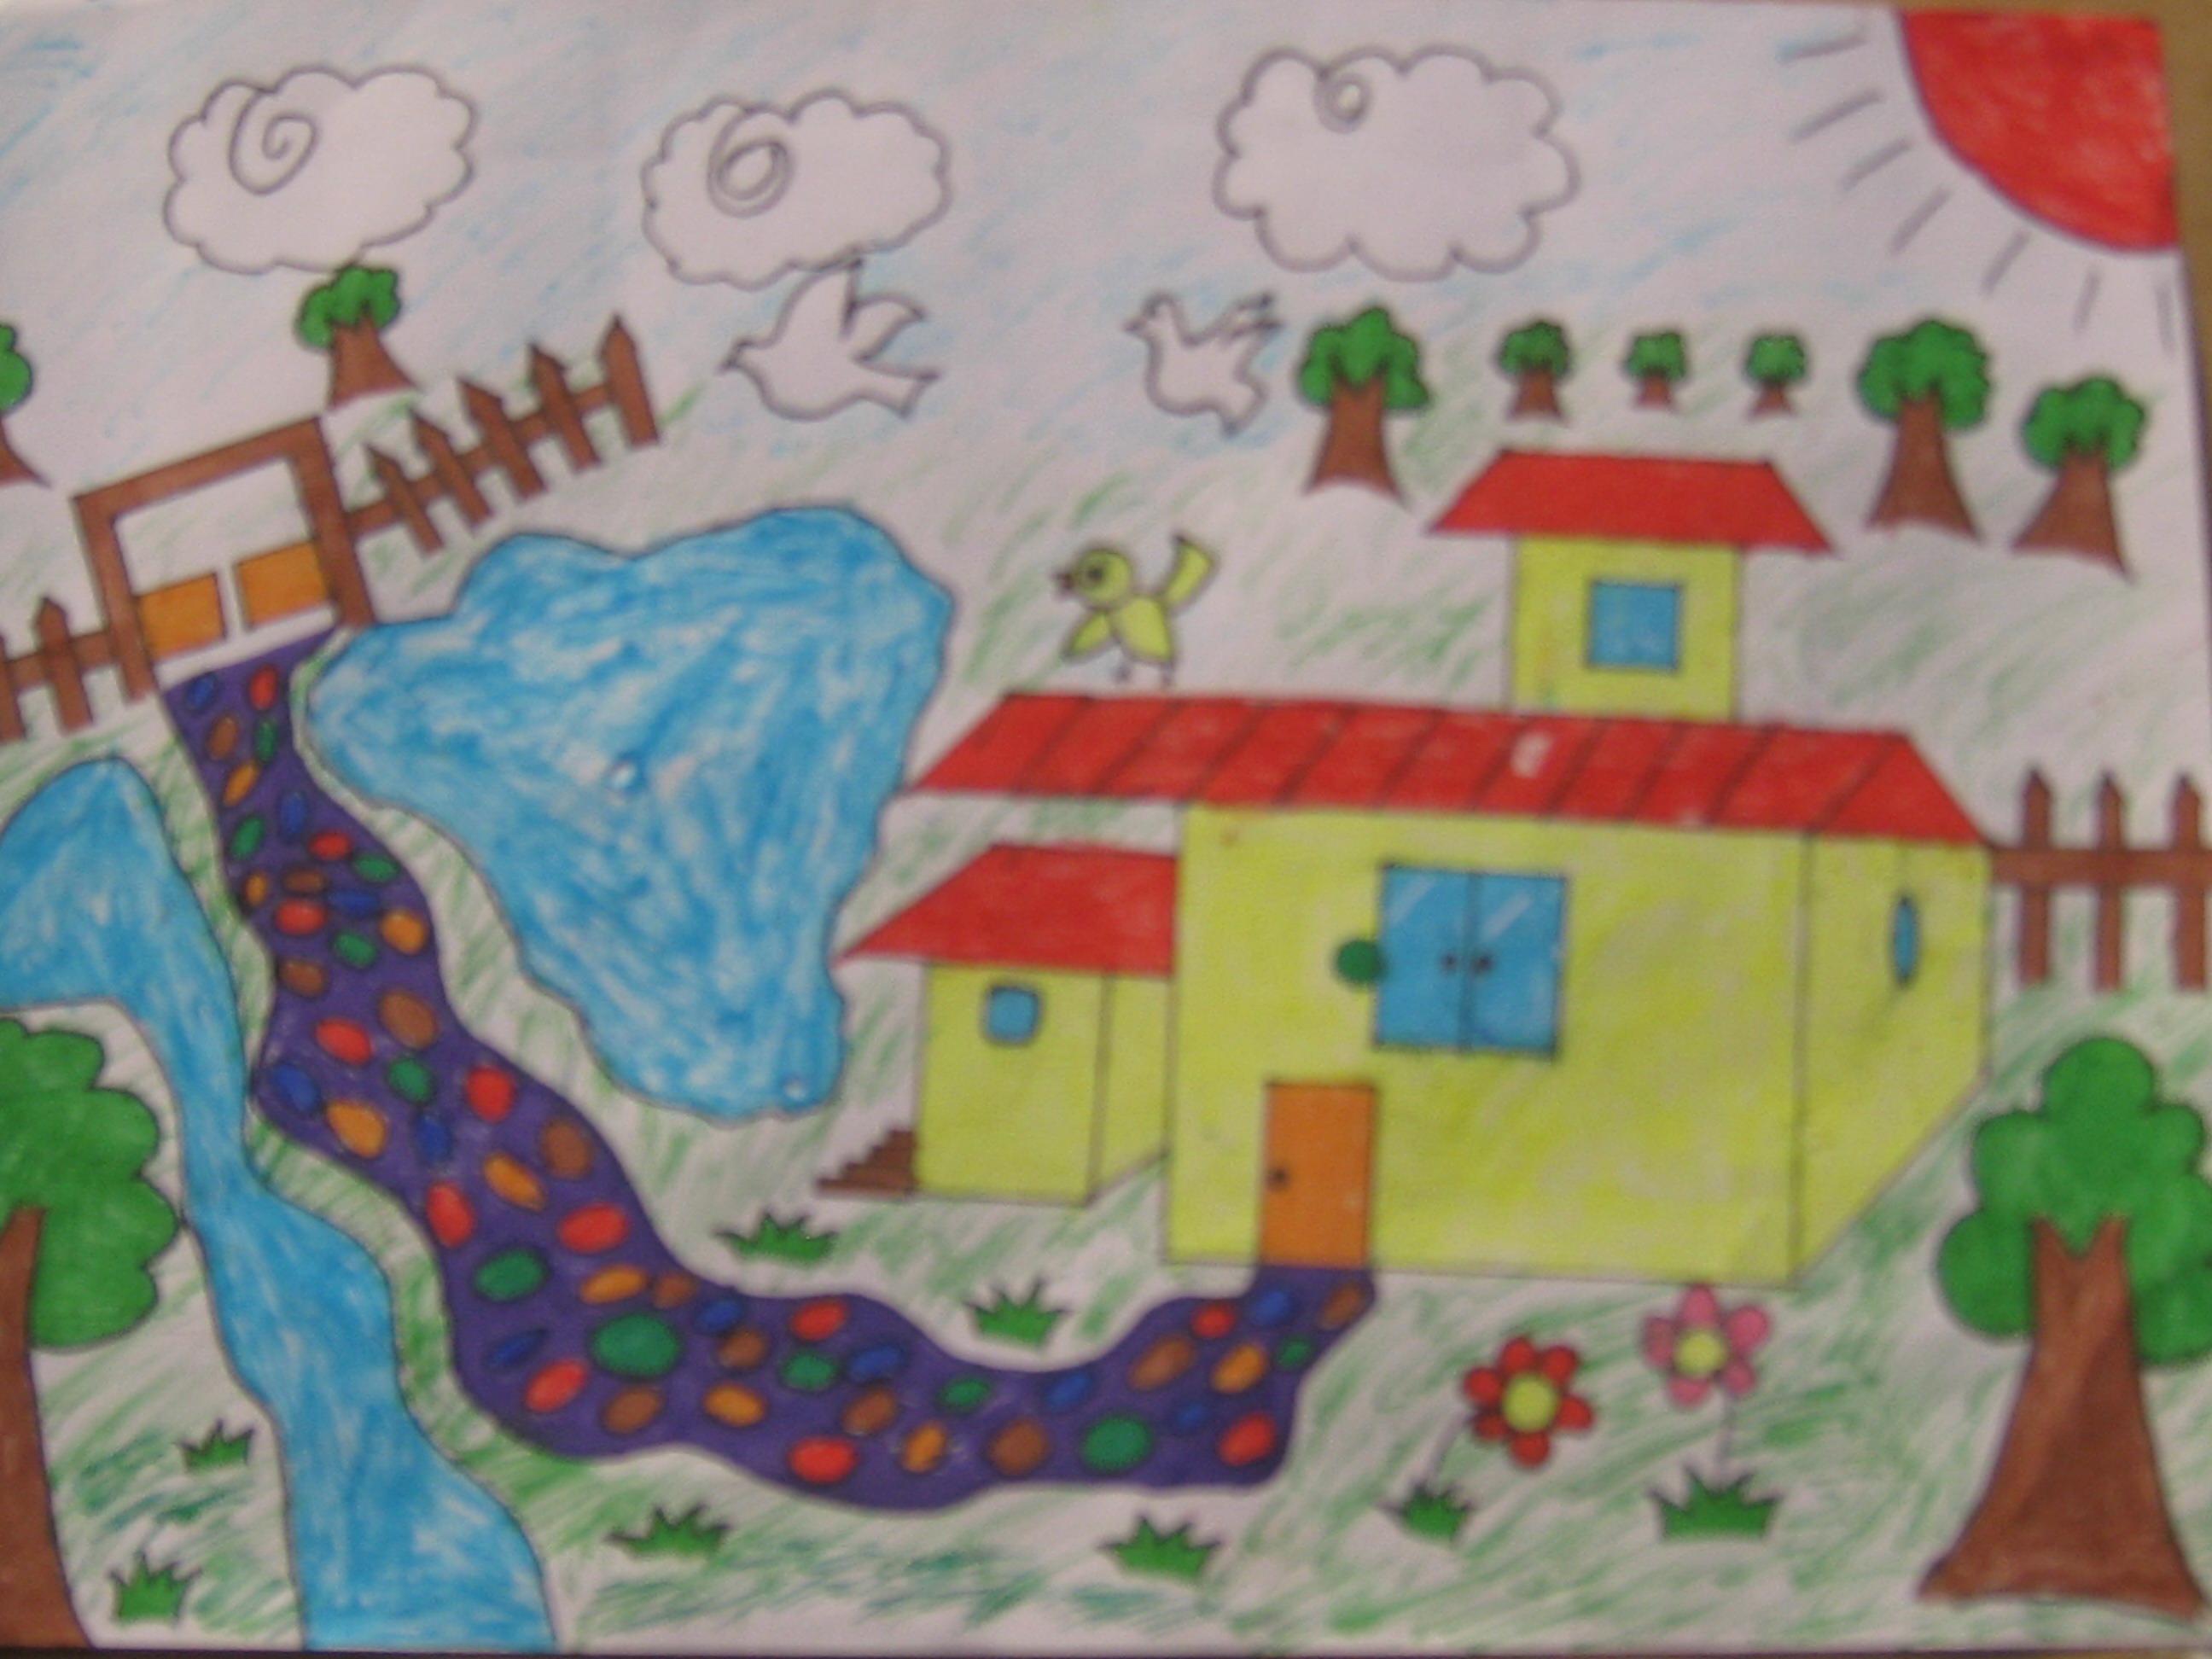 廊坊四小 我的中国梦,绘美丽家园 学生绘画作品